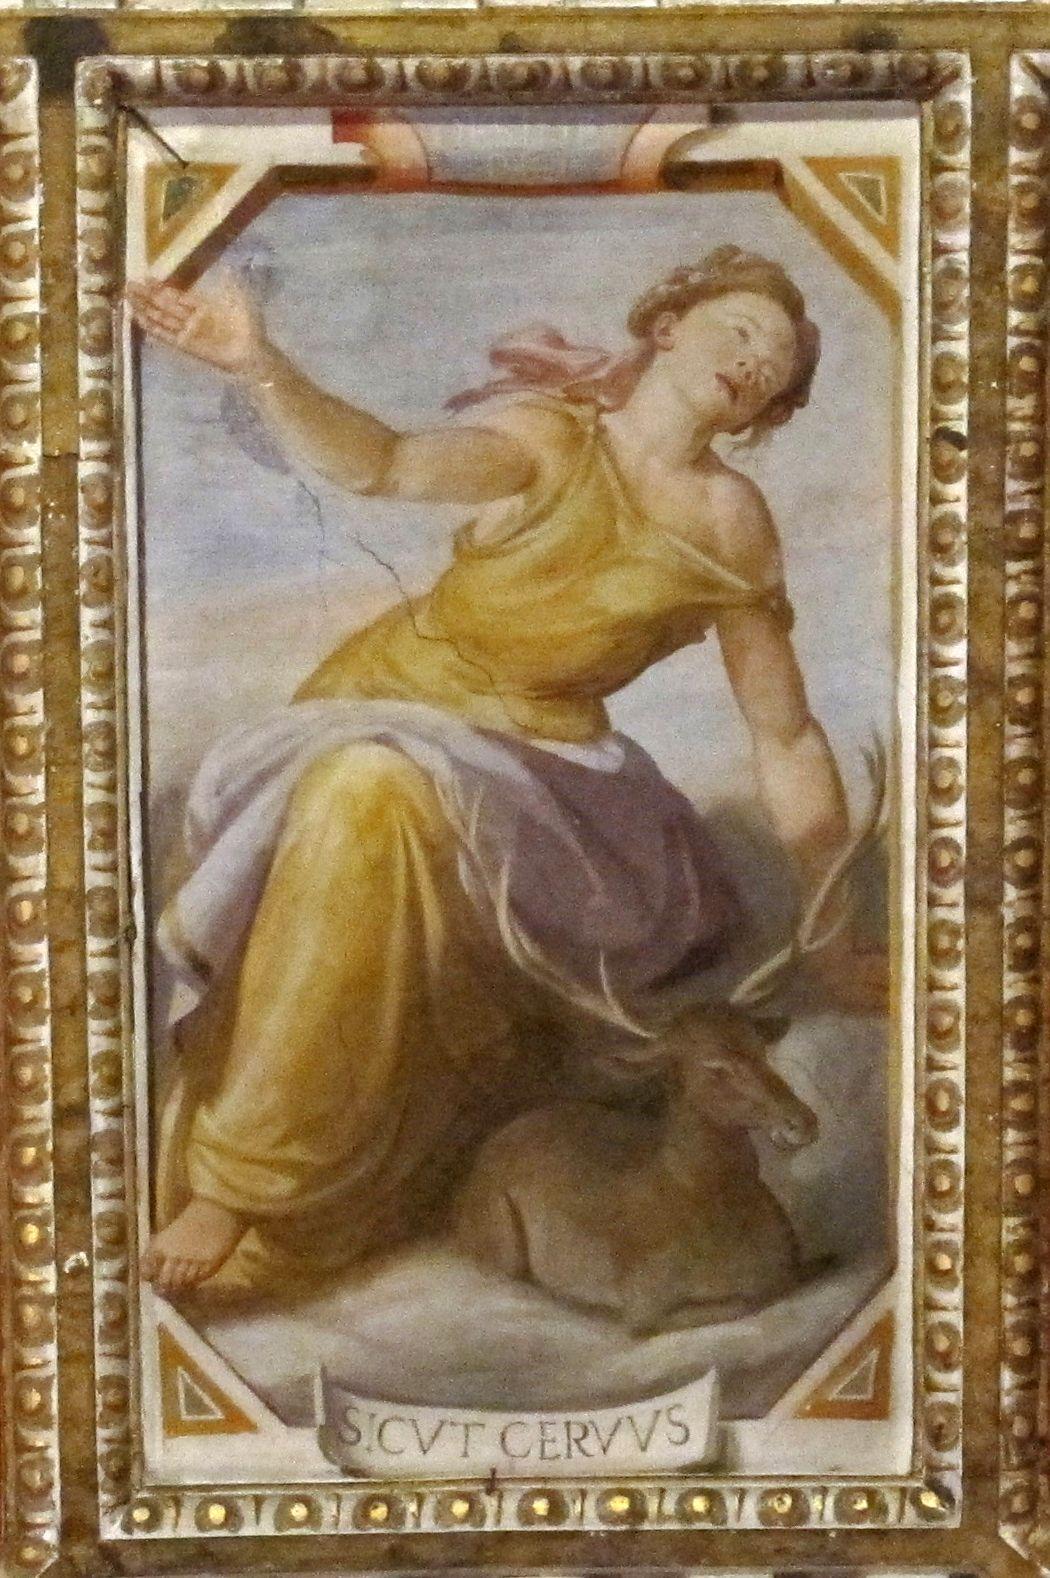 Santi di Tito e Tiberio Titi - Santi: doni dello spirito santo - Cappella Serragli - Basilica di San Marco, Firenze